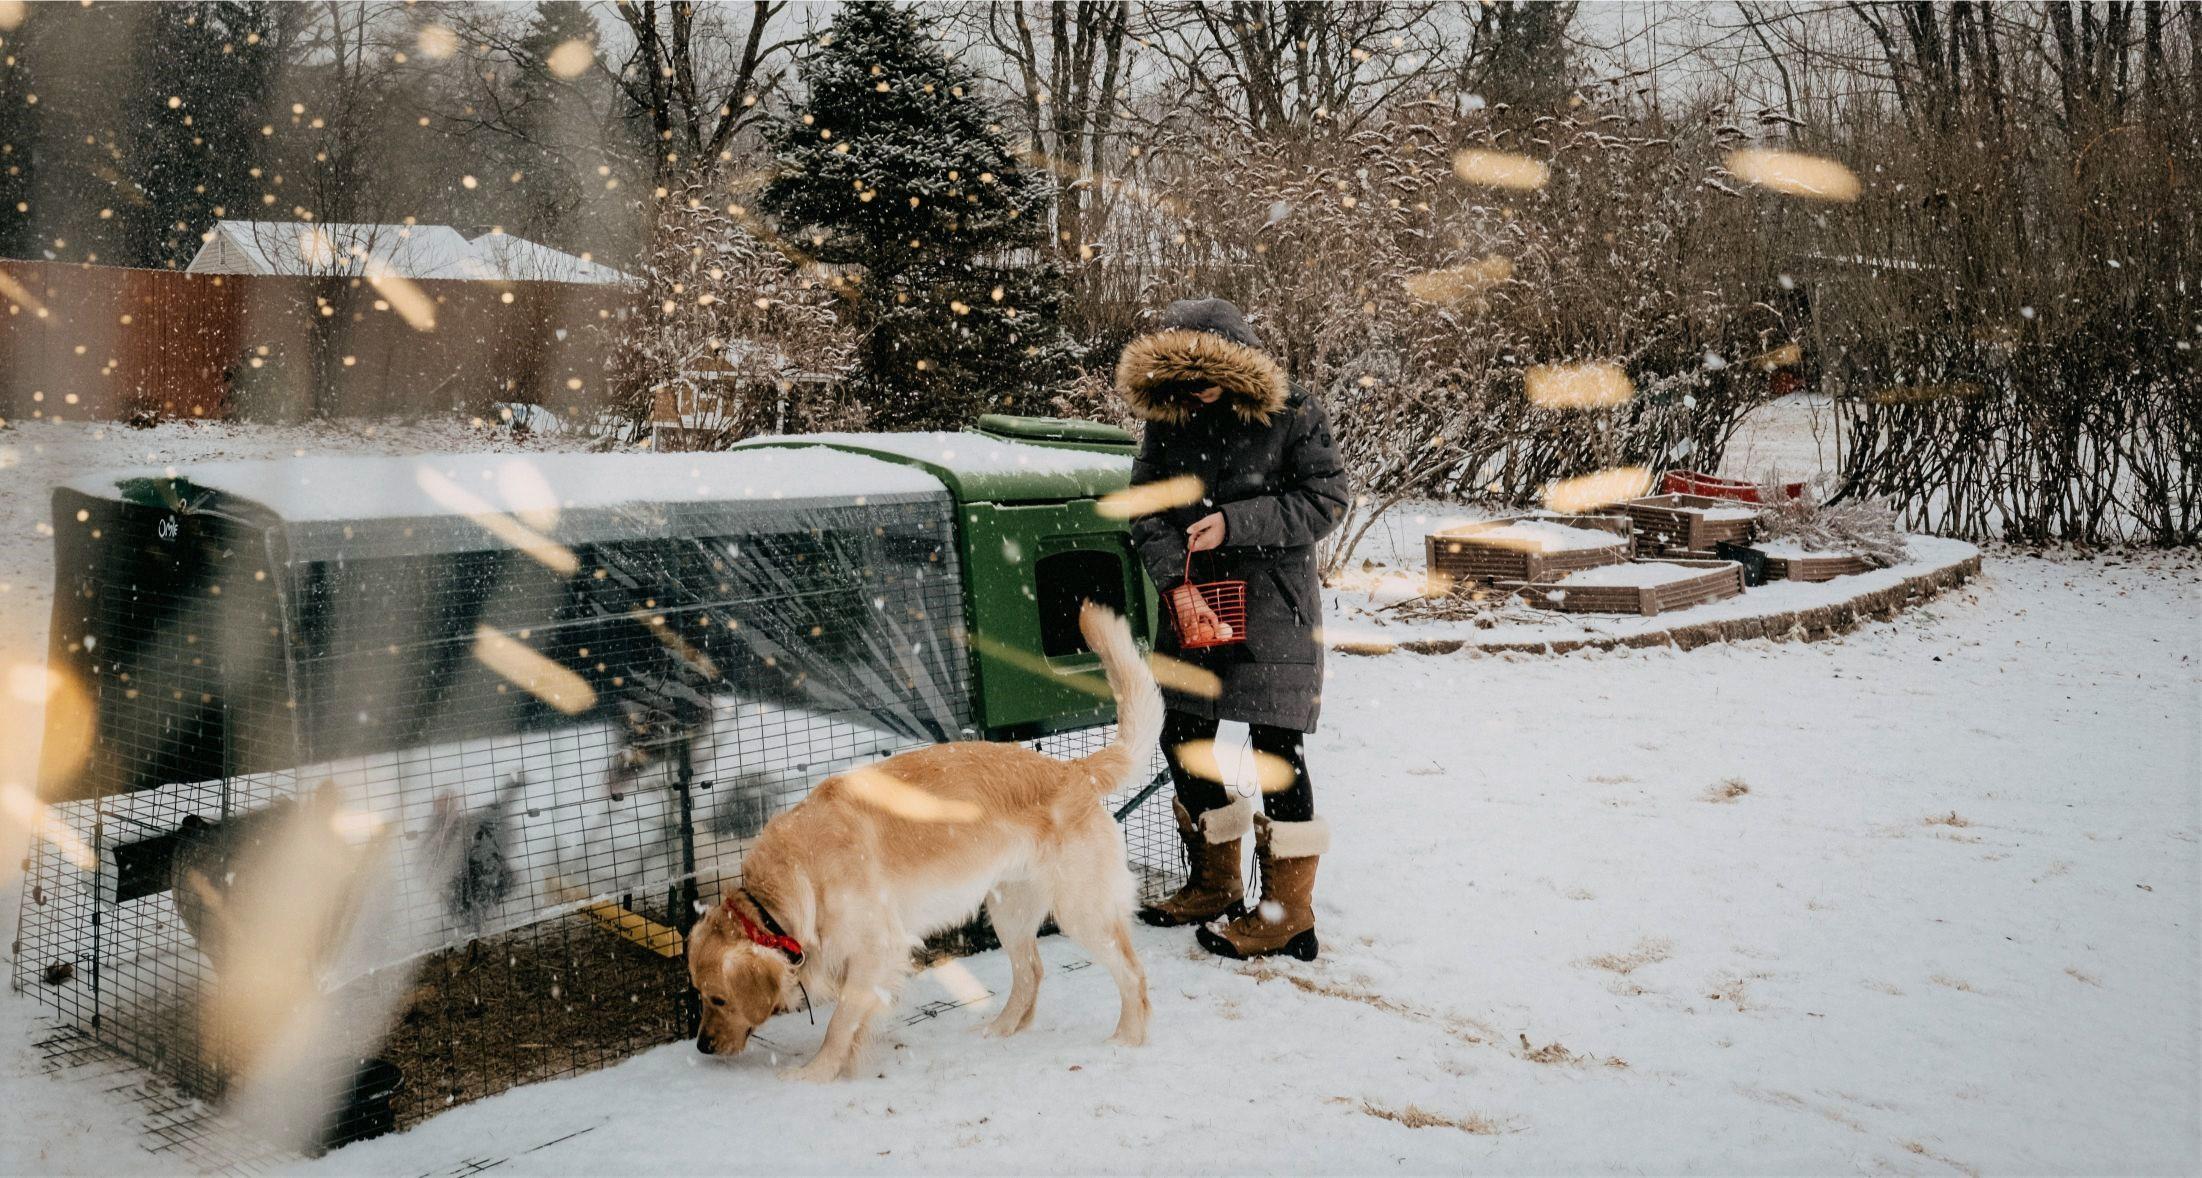 En dame i en stor vinterjakke samler egg fra Egluen sin i vinterværet, mens golden retrieveren hennes sniffer rundt nettingen på hønsegården.